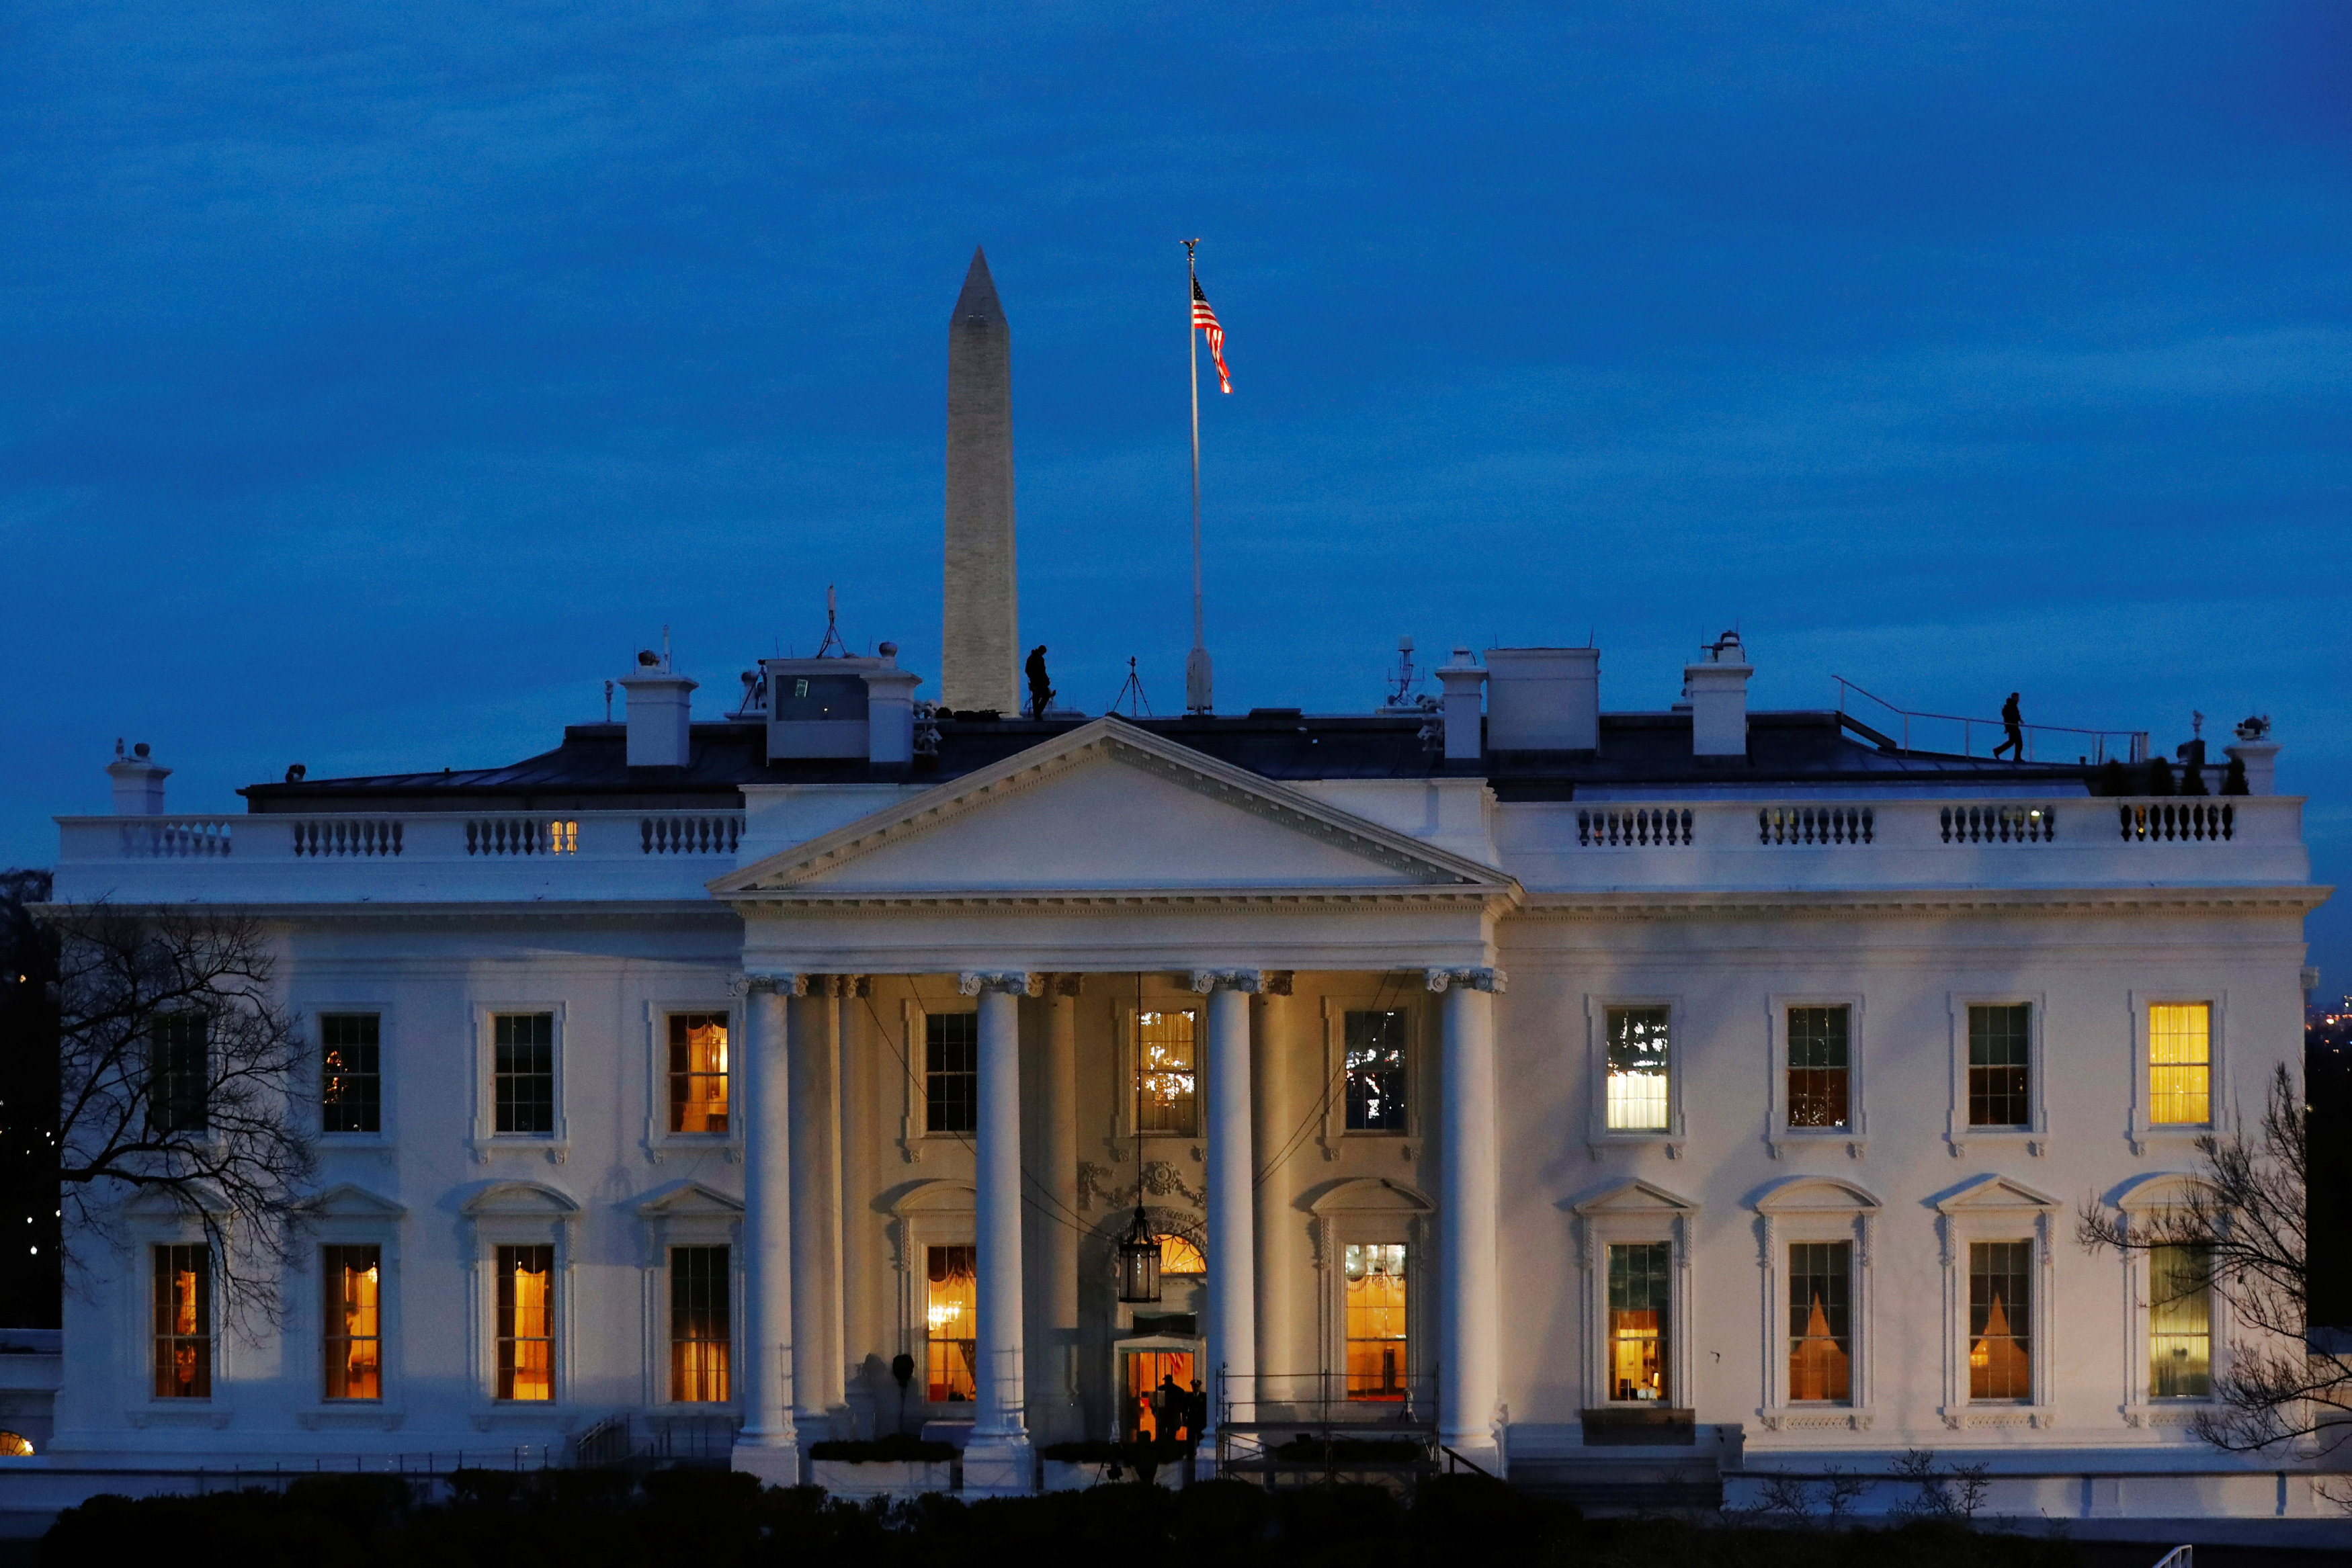 Ссайта Белого дома пропали разделы огражданских правах иправах ЛГБТ